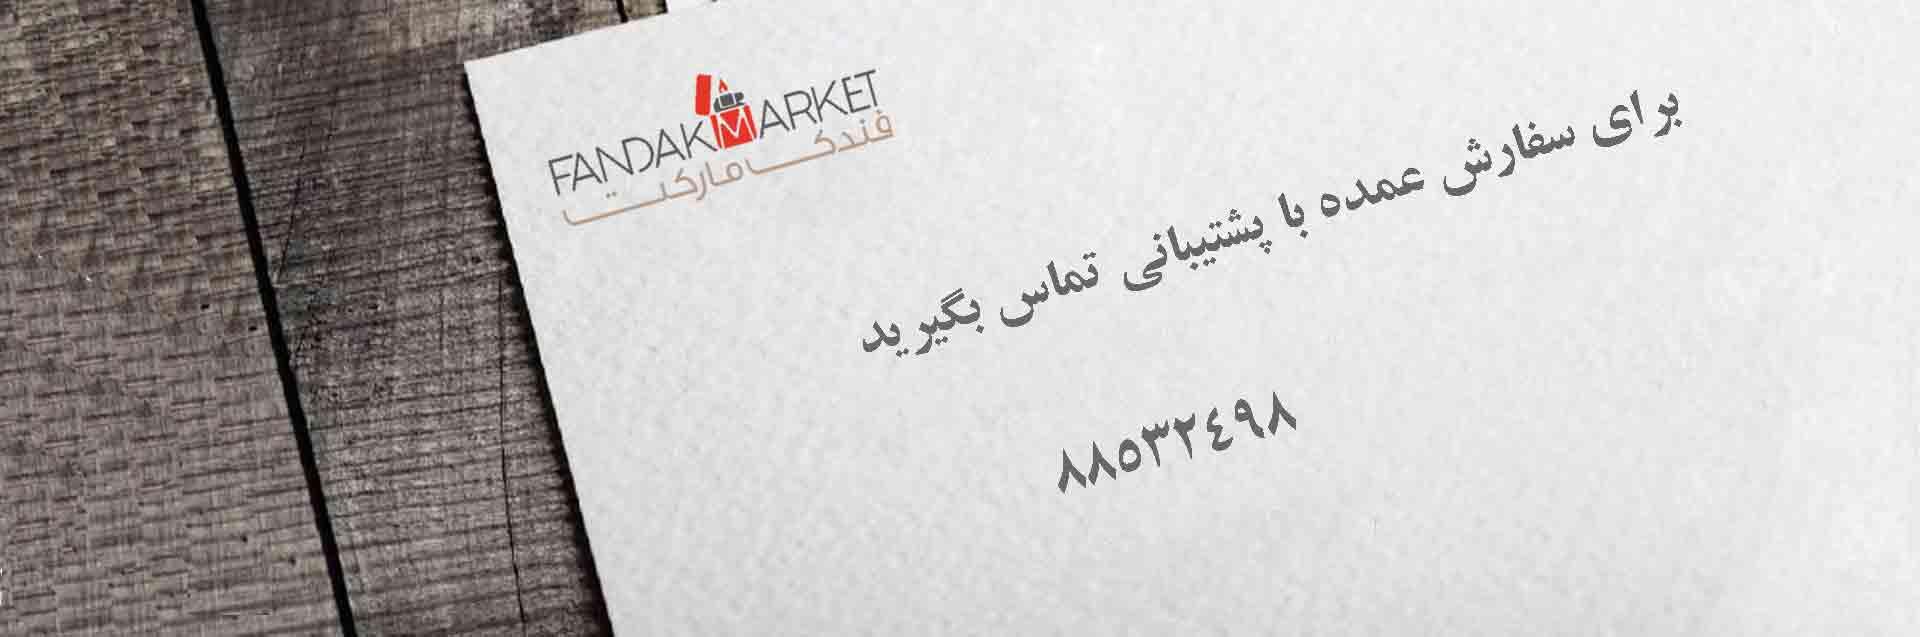 تماس با پشتیبانی - فروشگاه اینترنتی فندک مارکت